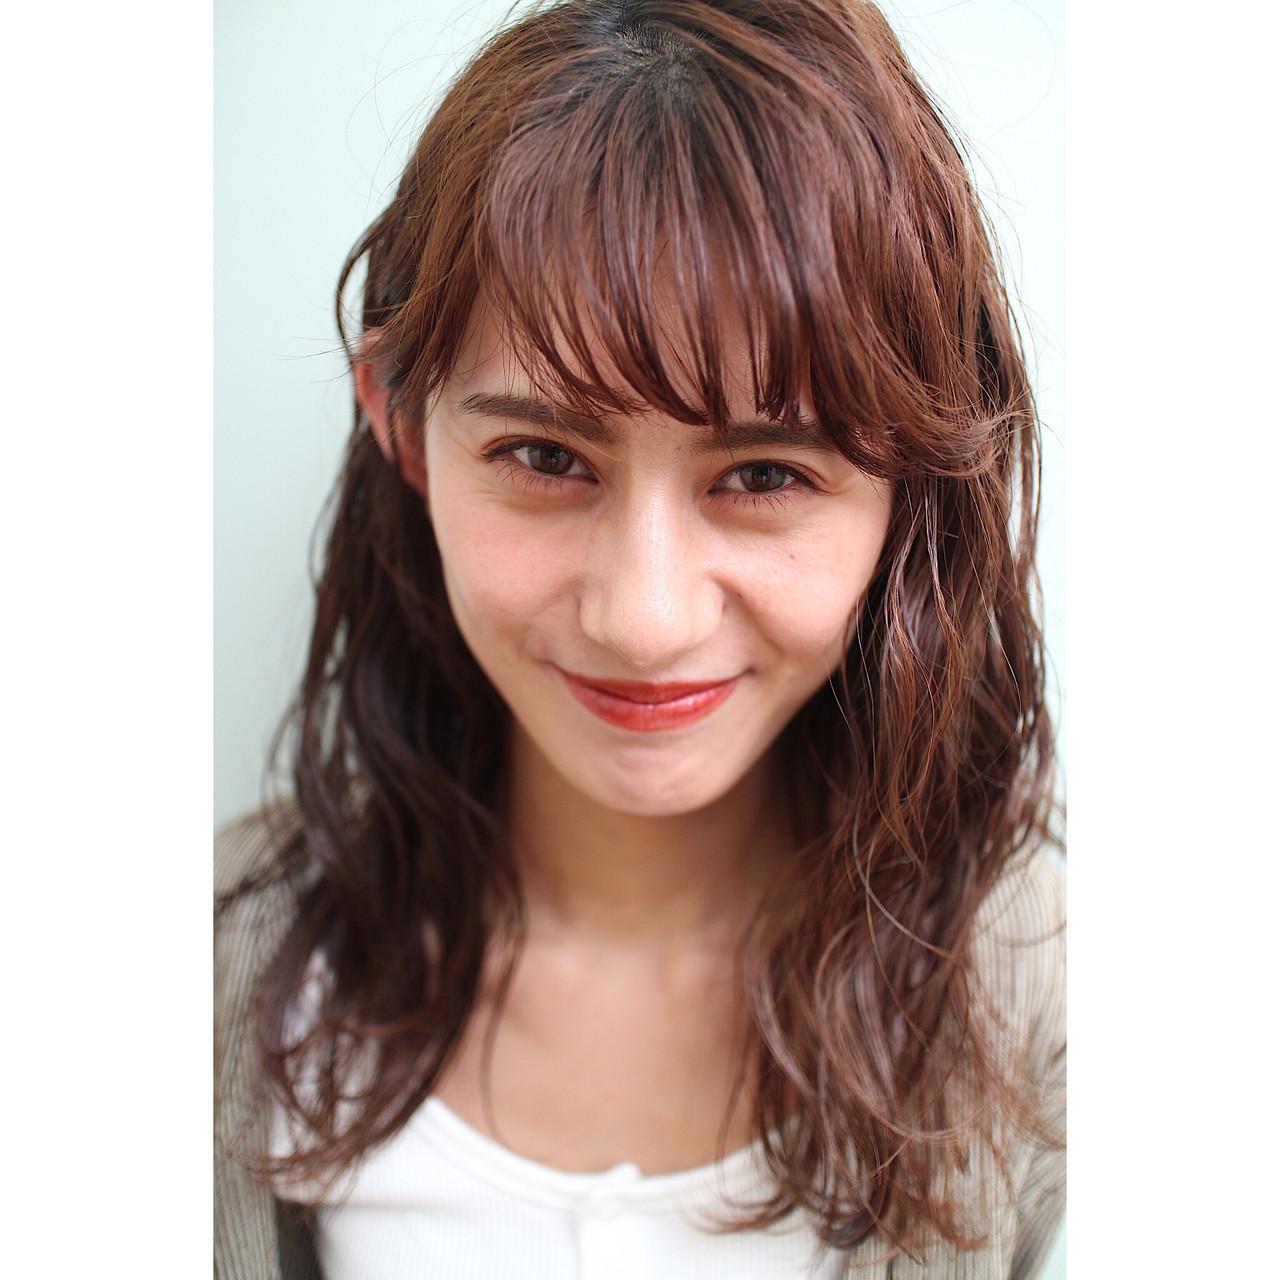 前髪パーマ ナチュラル 前髪あり 簡単スタイリング ヘアスタイルや髪型の写真・画像 | 市田莉子 / BEAUTRIUM265